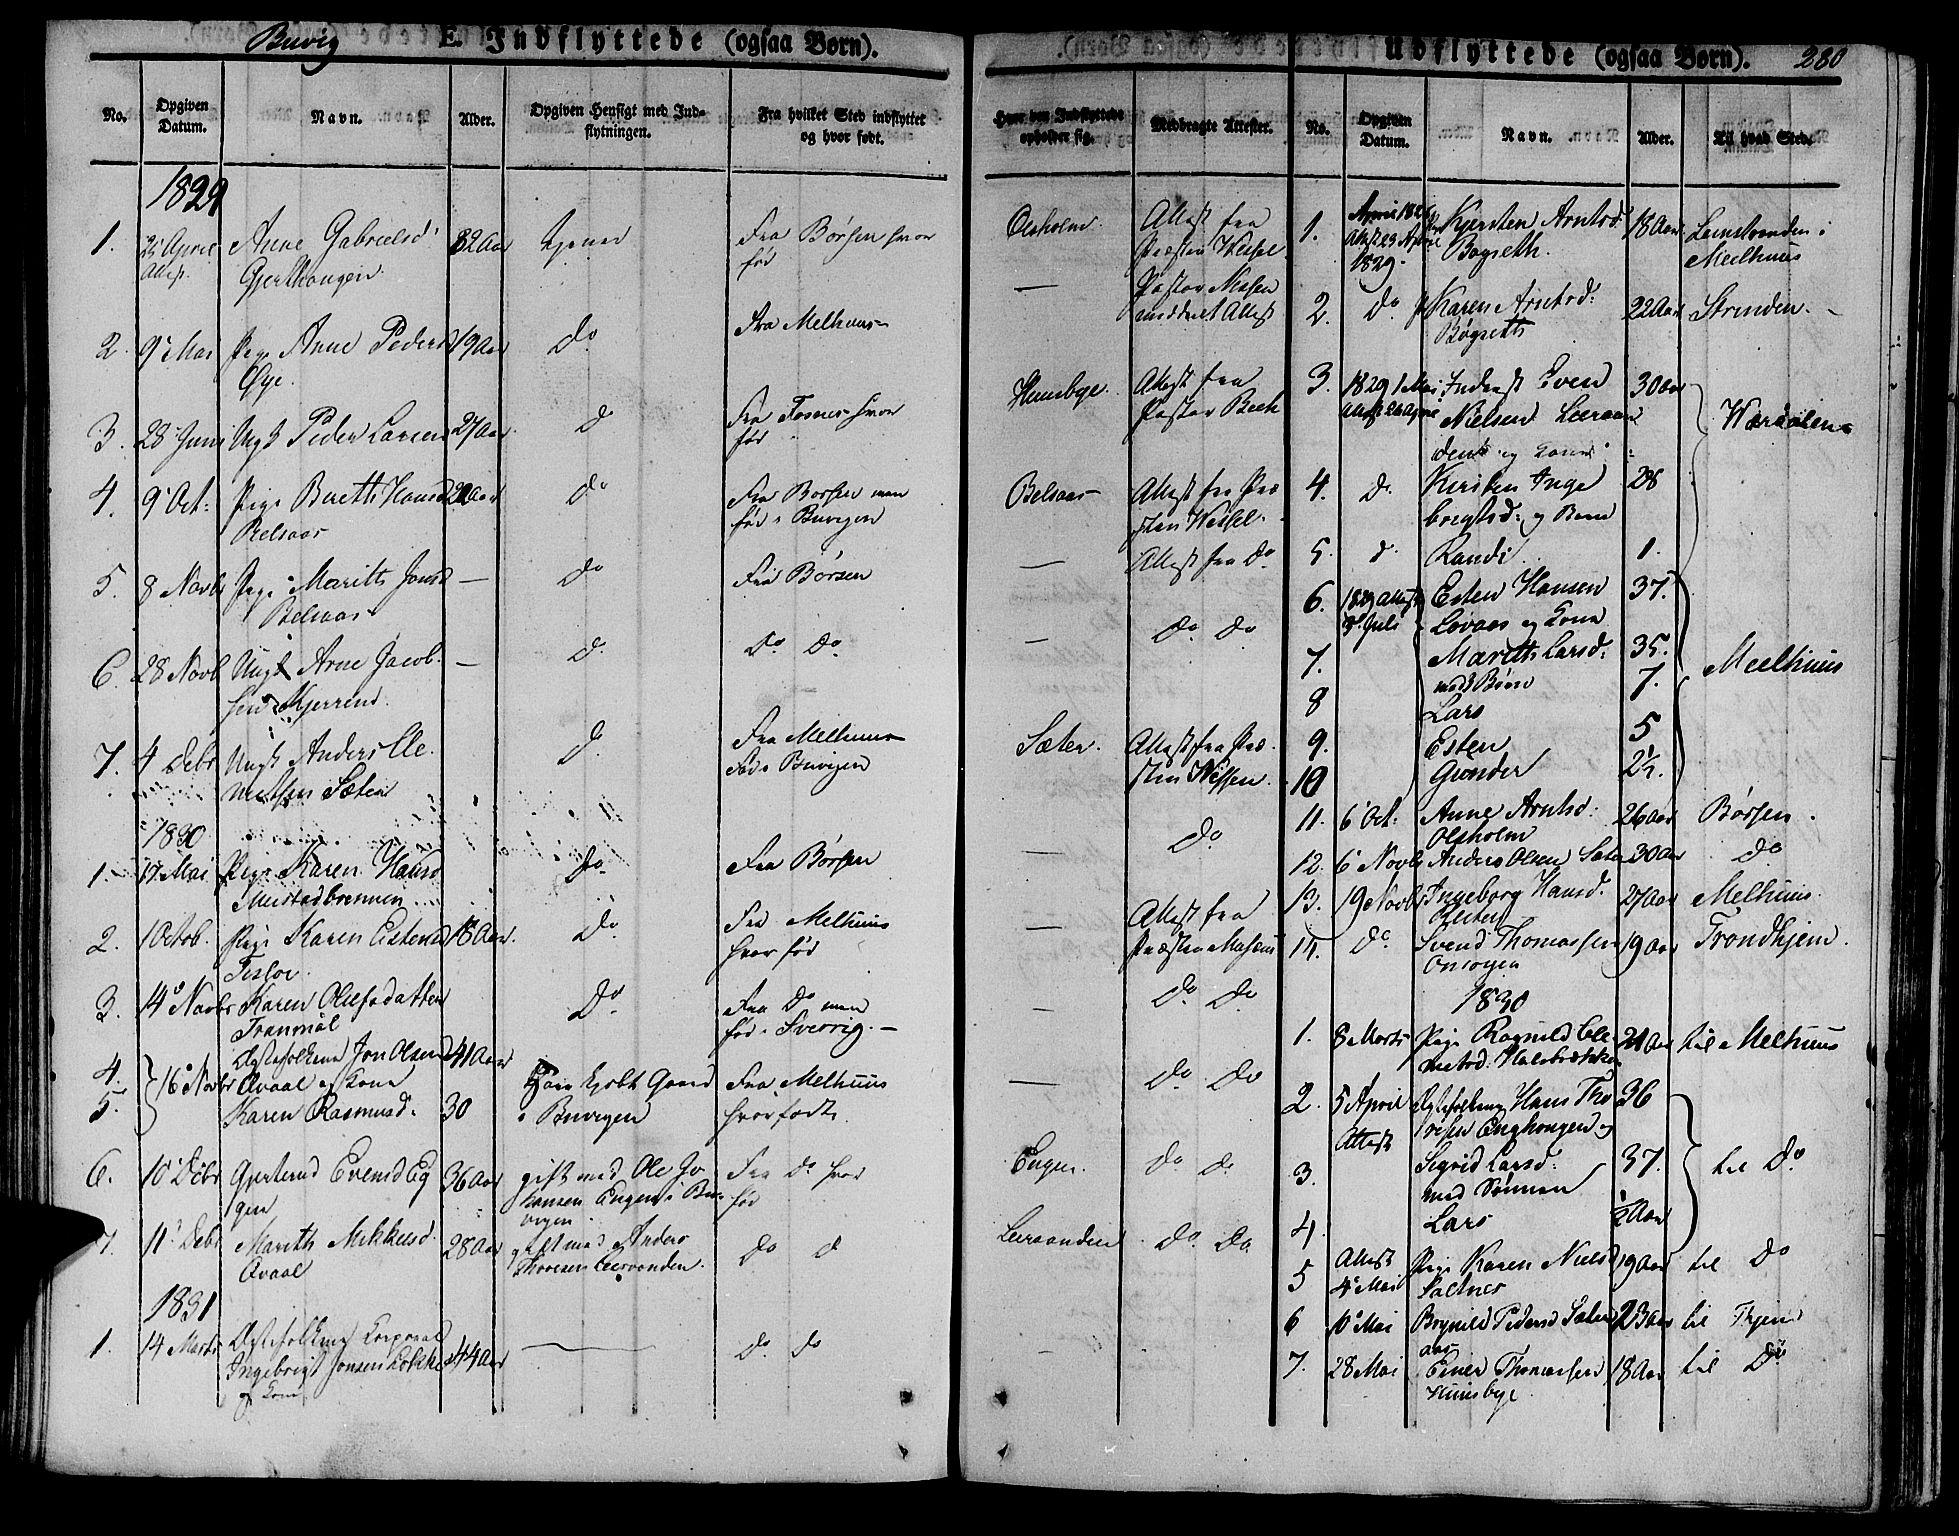 SAT, Ministerialprotokoller, klokkerbøker og fødselsregistre - Sør-Trøndelag, 612/L0375: Ministerialbok nr. 612A07 /2, 1829-1845, s. 280